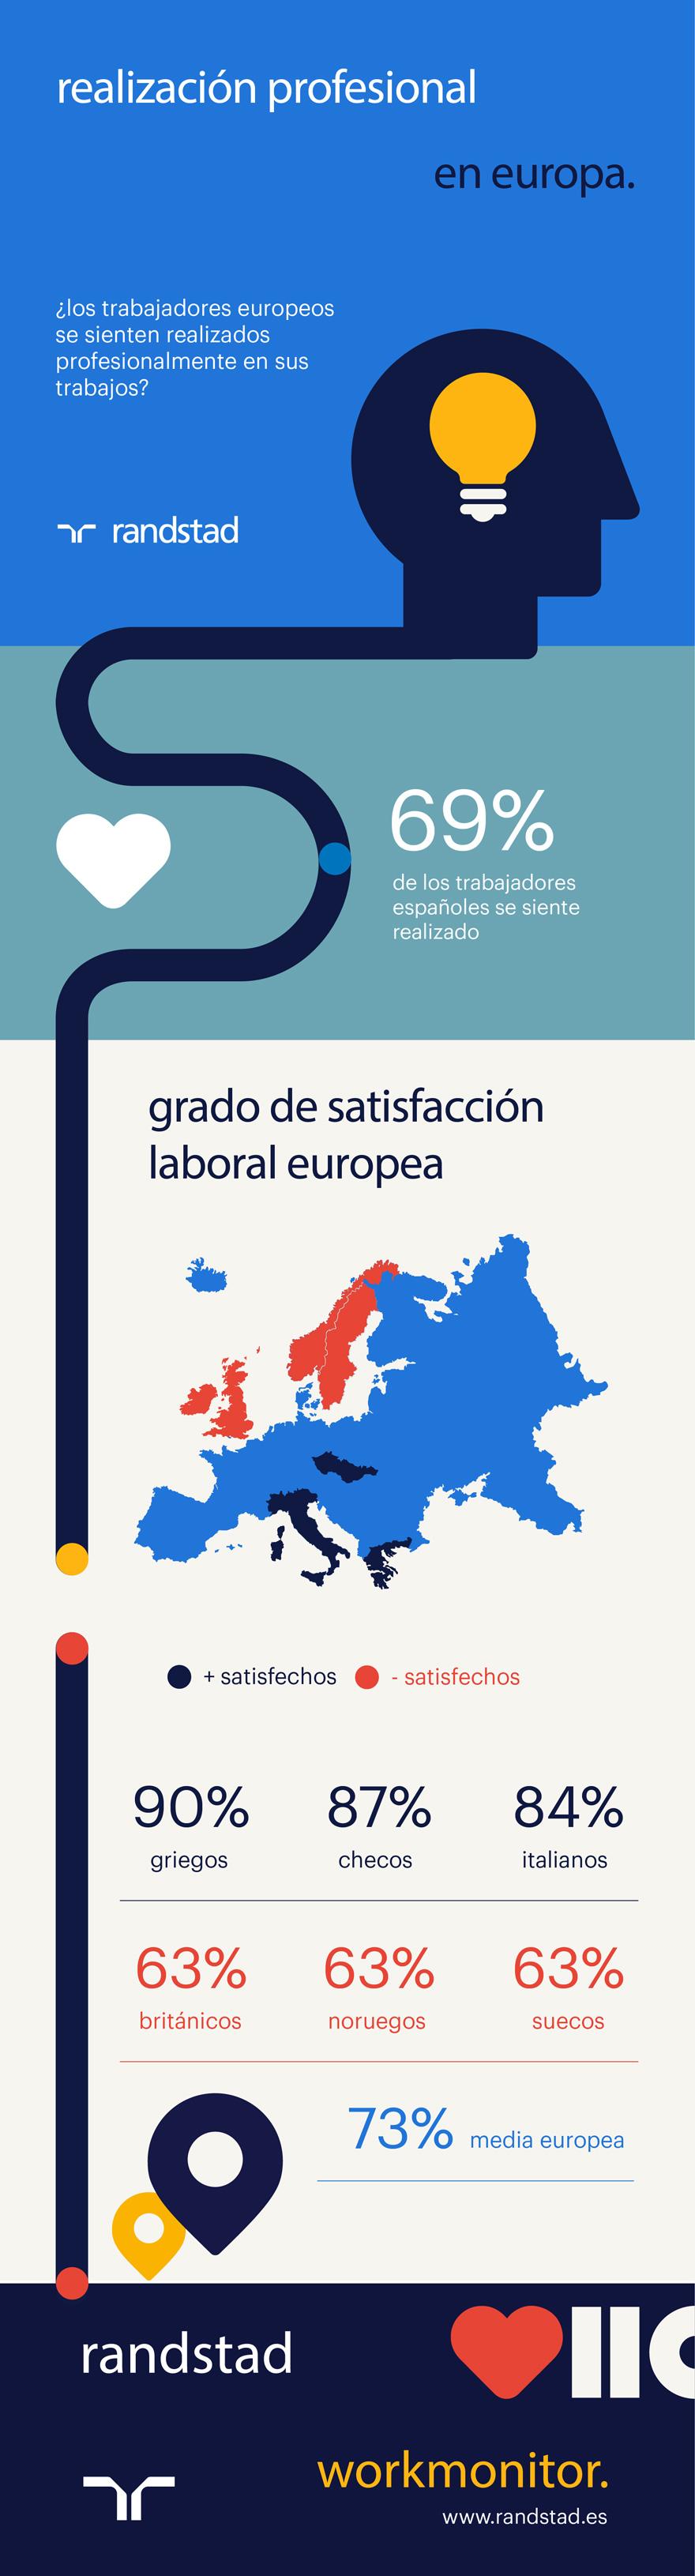 Realización profesional en Europa | Randstad Workmonitor | Q3 2017